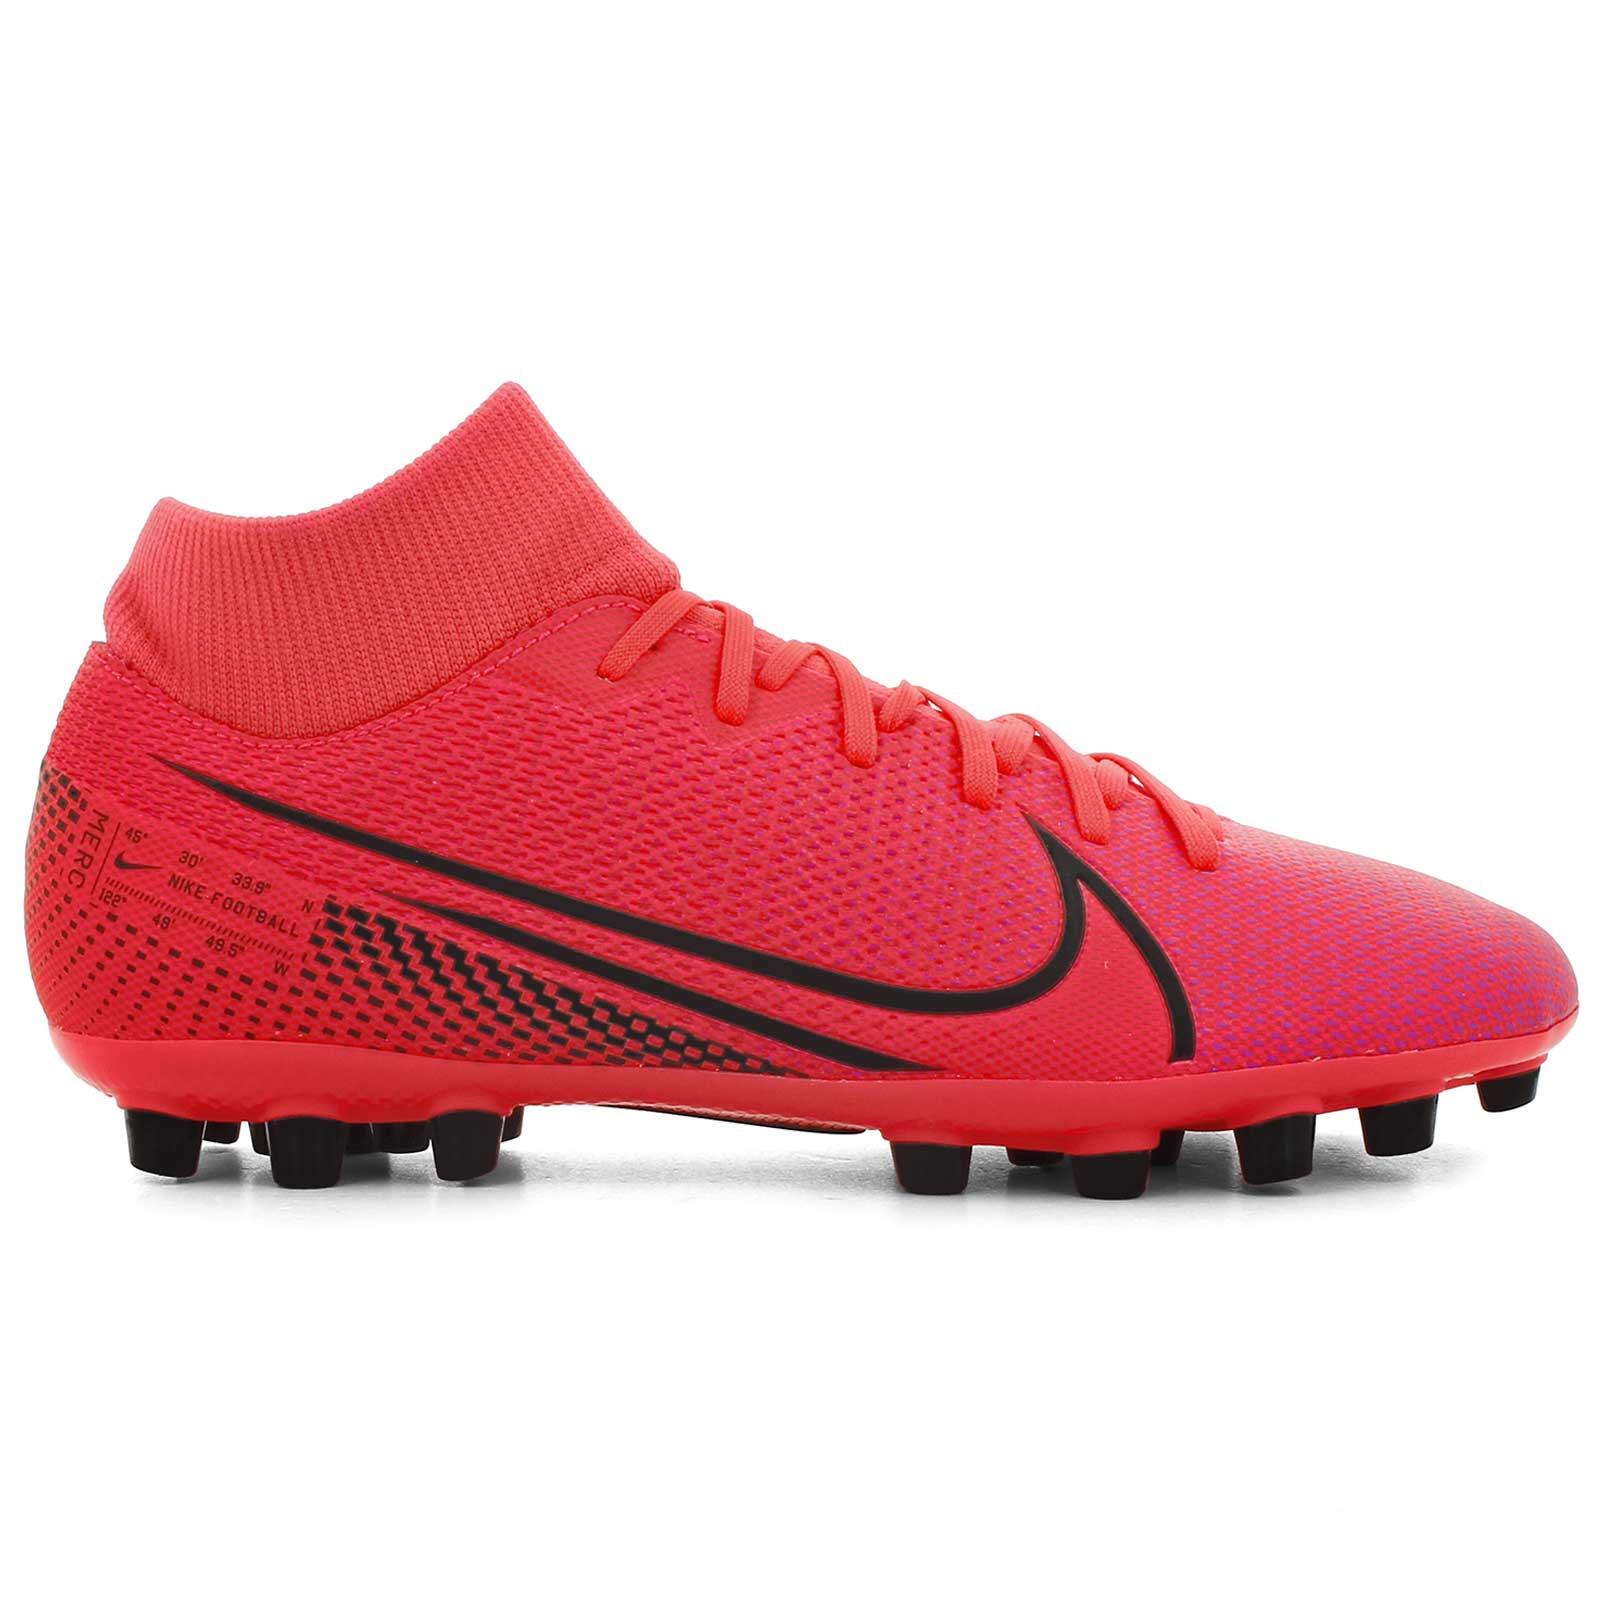 Nike Mercurial Superfly 7 Academy AG rosas |futbolmania